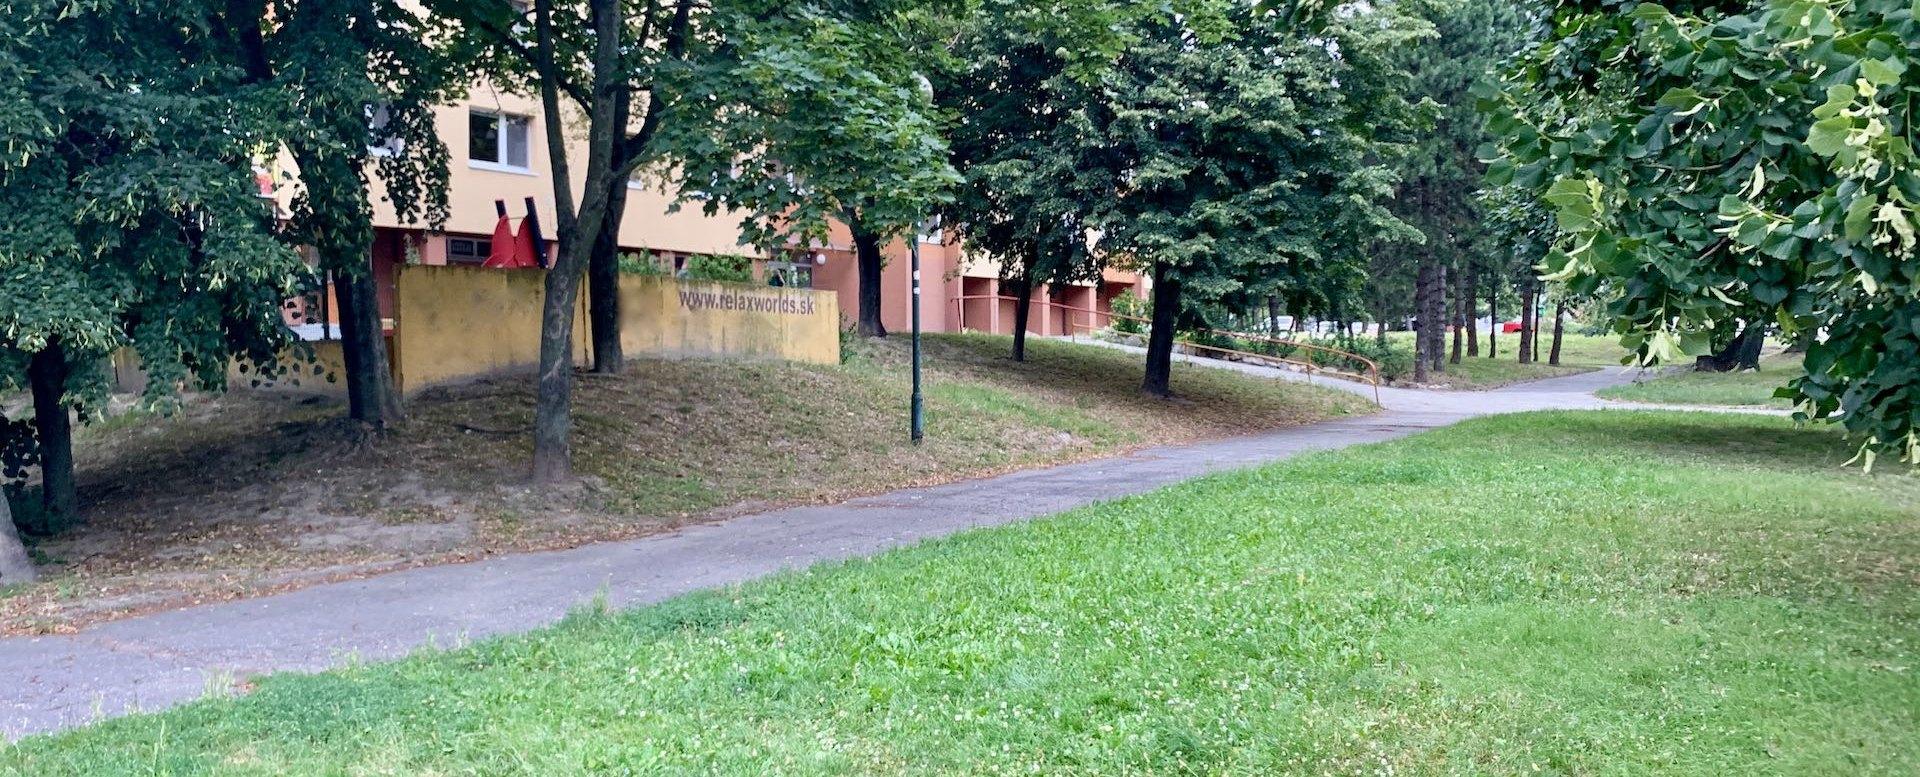 Zeleň v okolí bytového domu